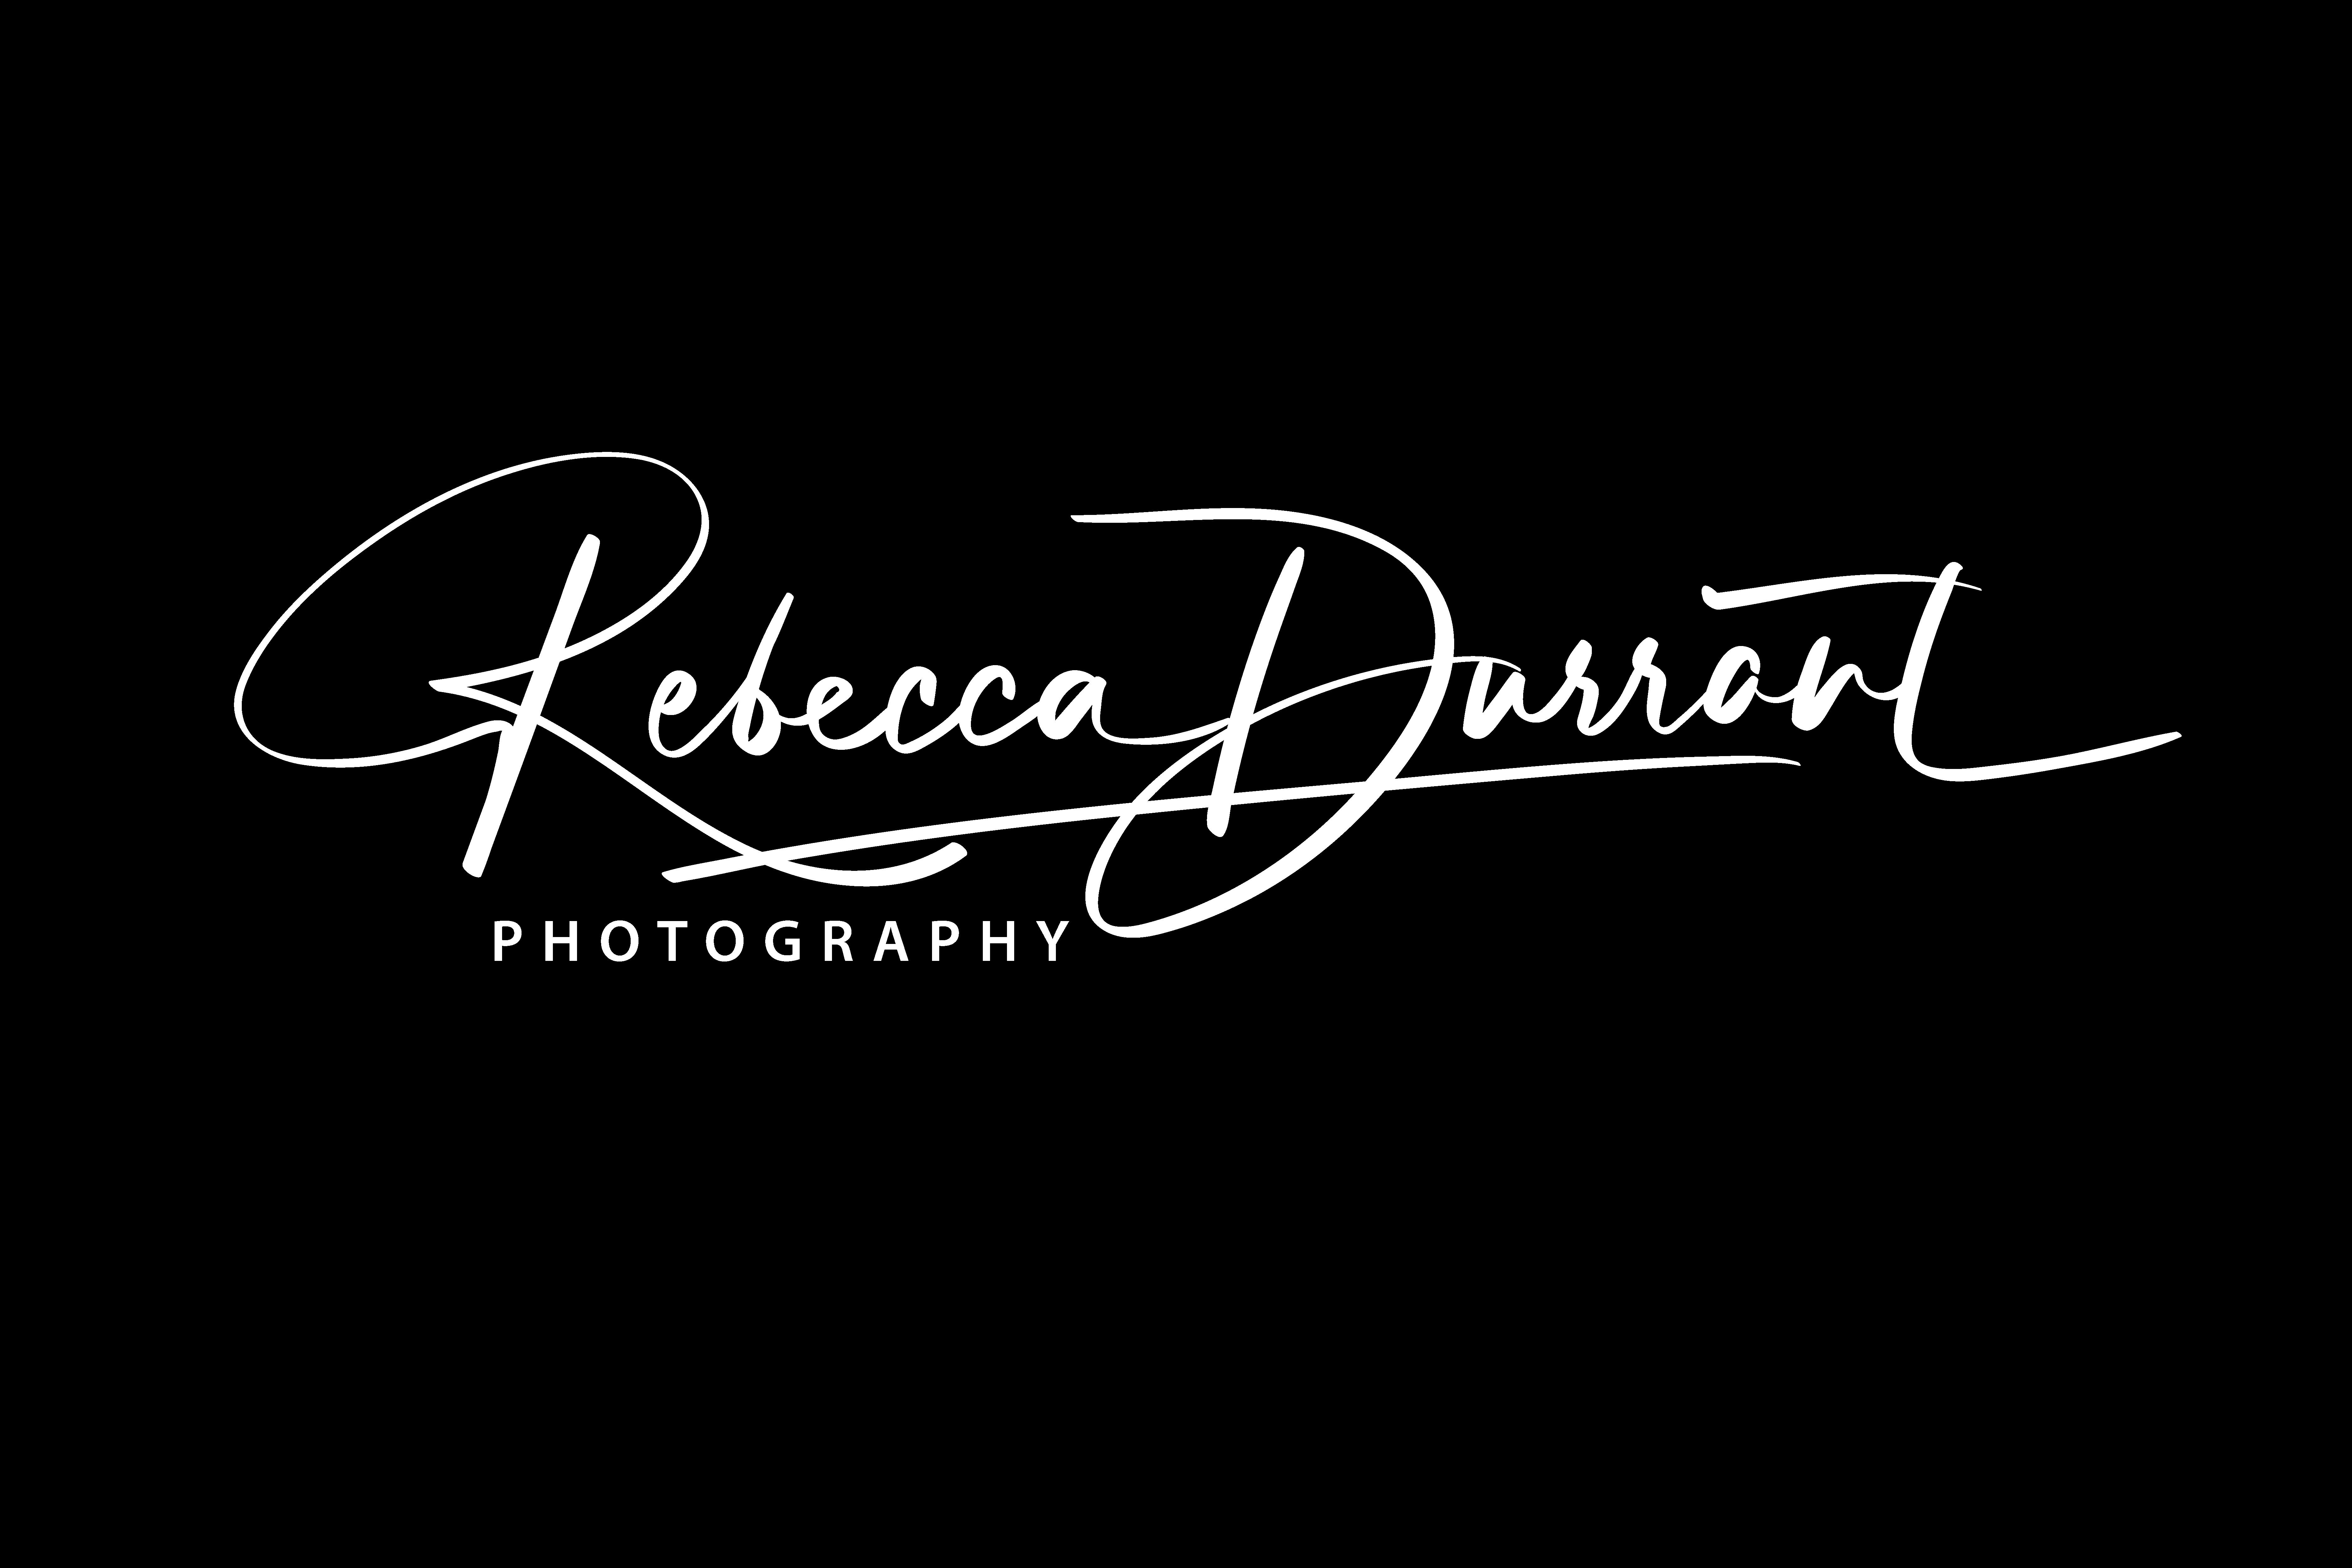 Rebecca Durrant Photography